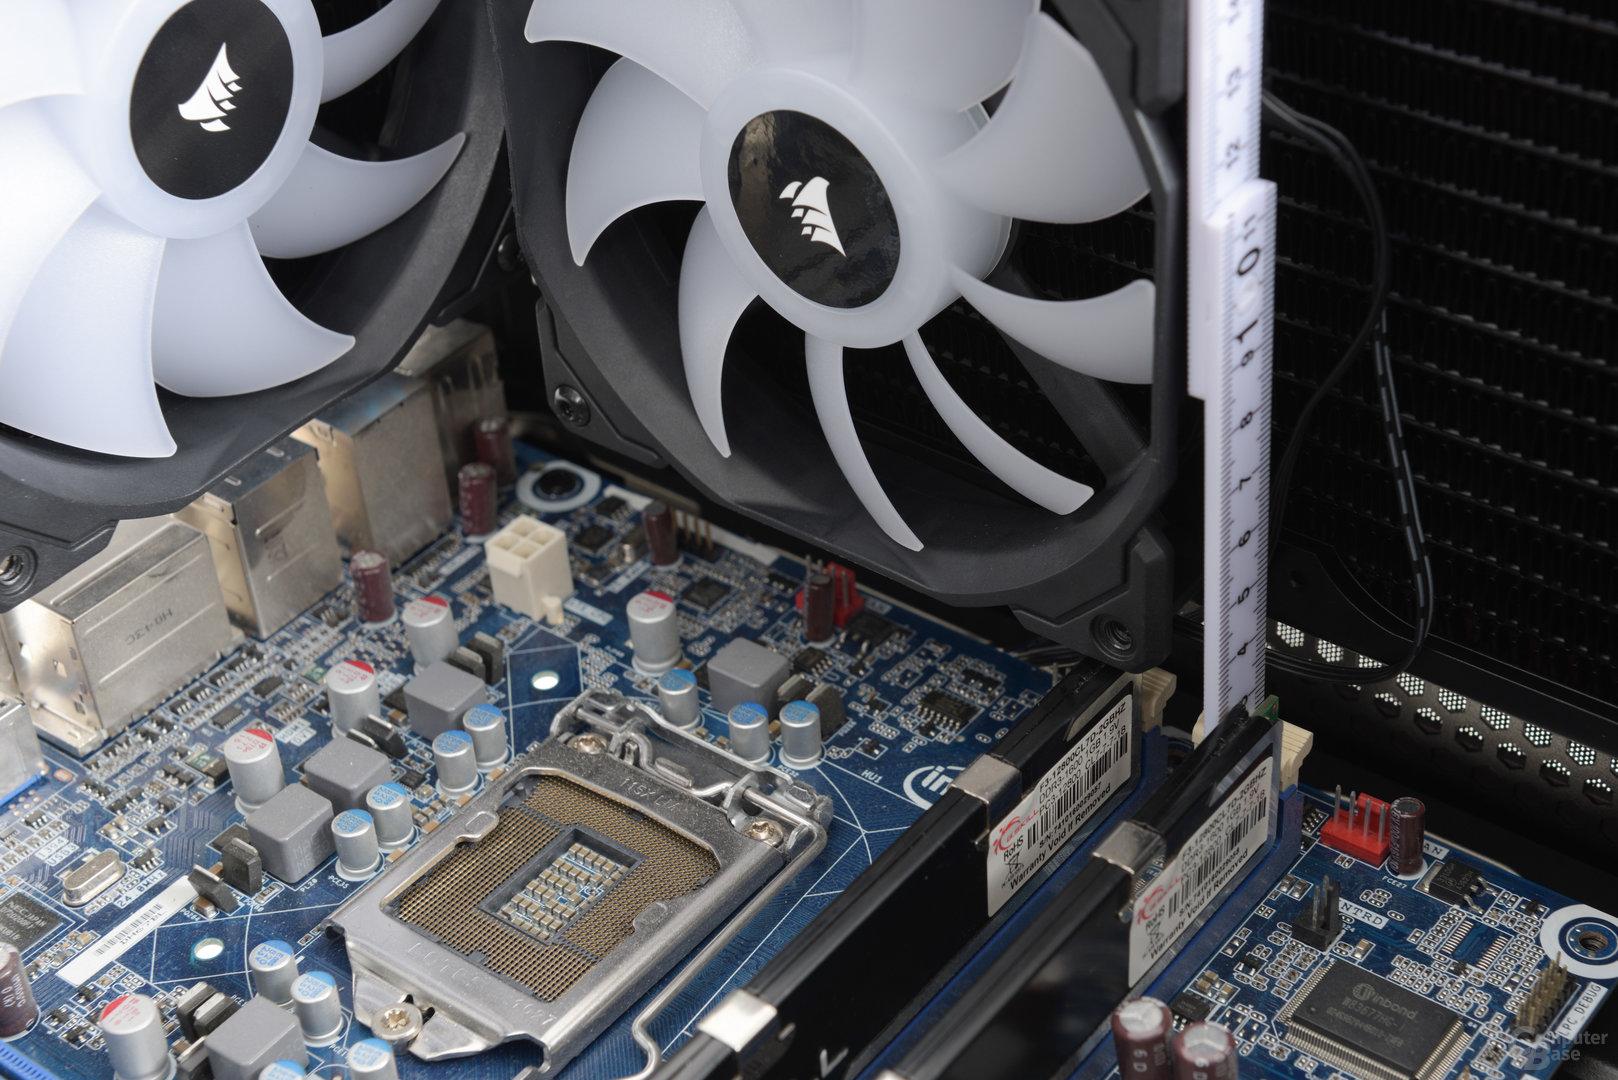 Corsair Crystal 460X RGB – Ein 240-mm-Dual-Radiator passt hingegen problemlos in den Deckel, die maximale RAM-Höhe ist beschränkt